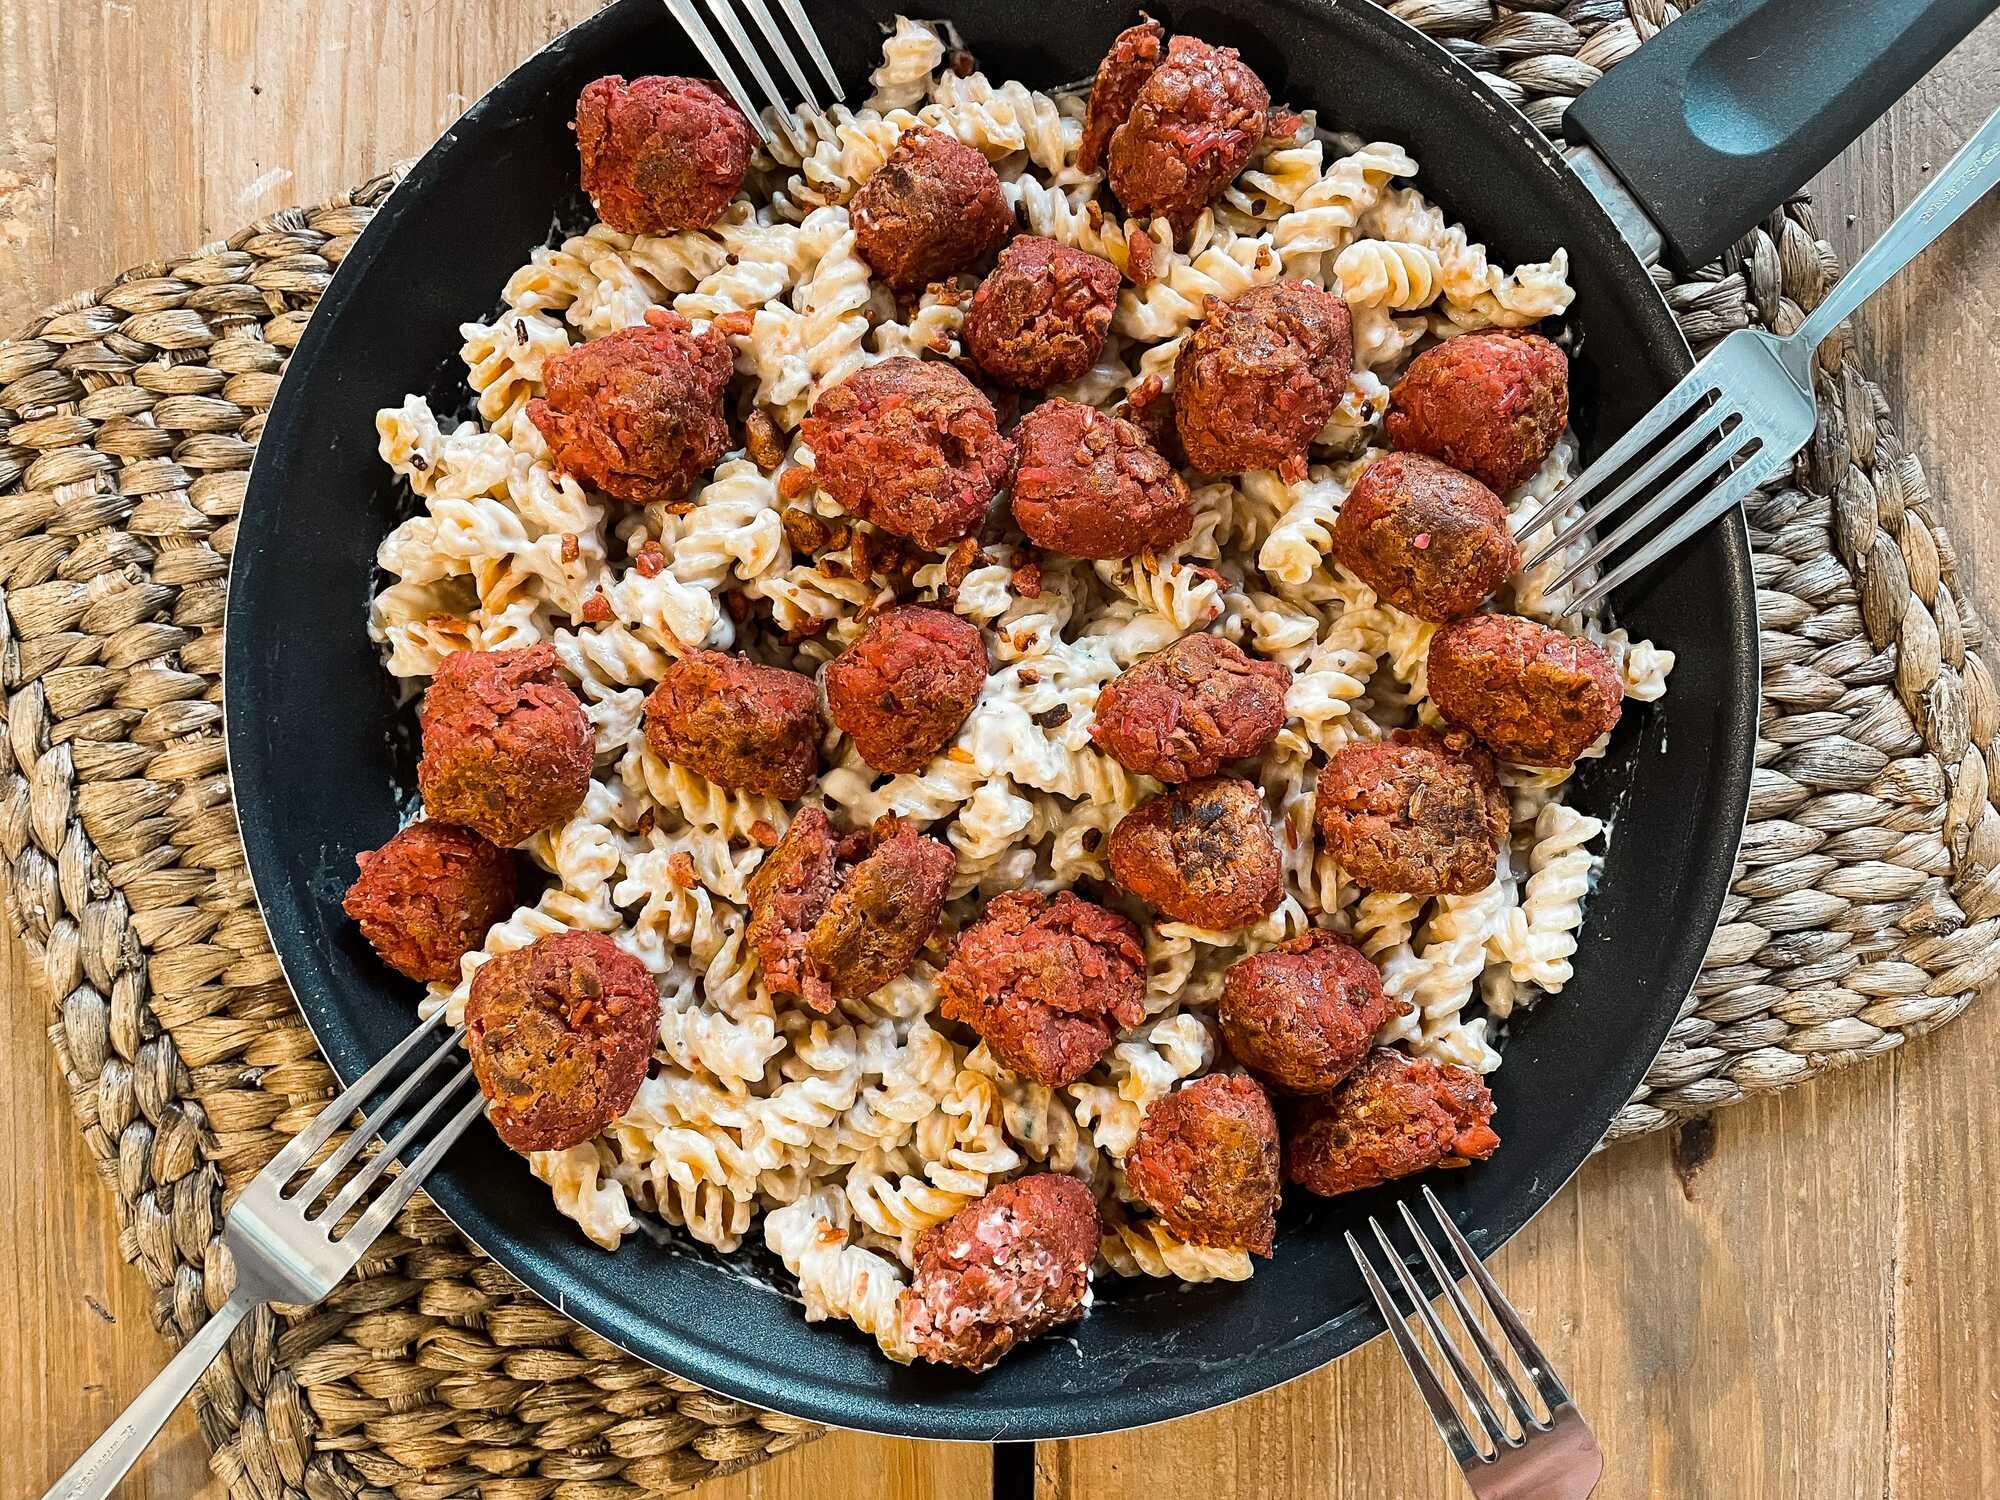 Dans une poêle se trouvent les pâtes à la crème parsemées de boulettes végétariennes de couleur rouge qui ressemblent à des boulettes de viande.